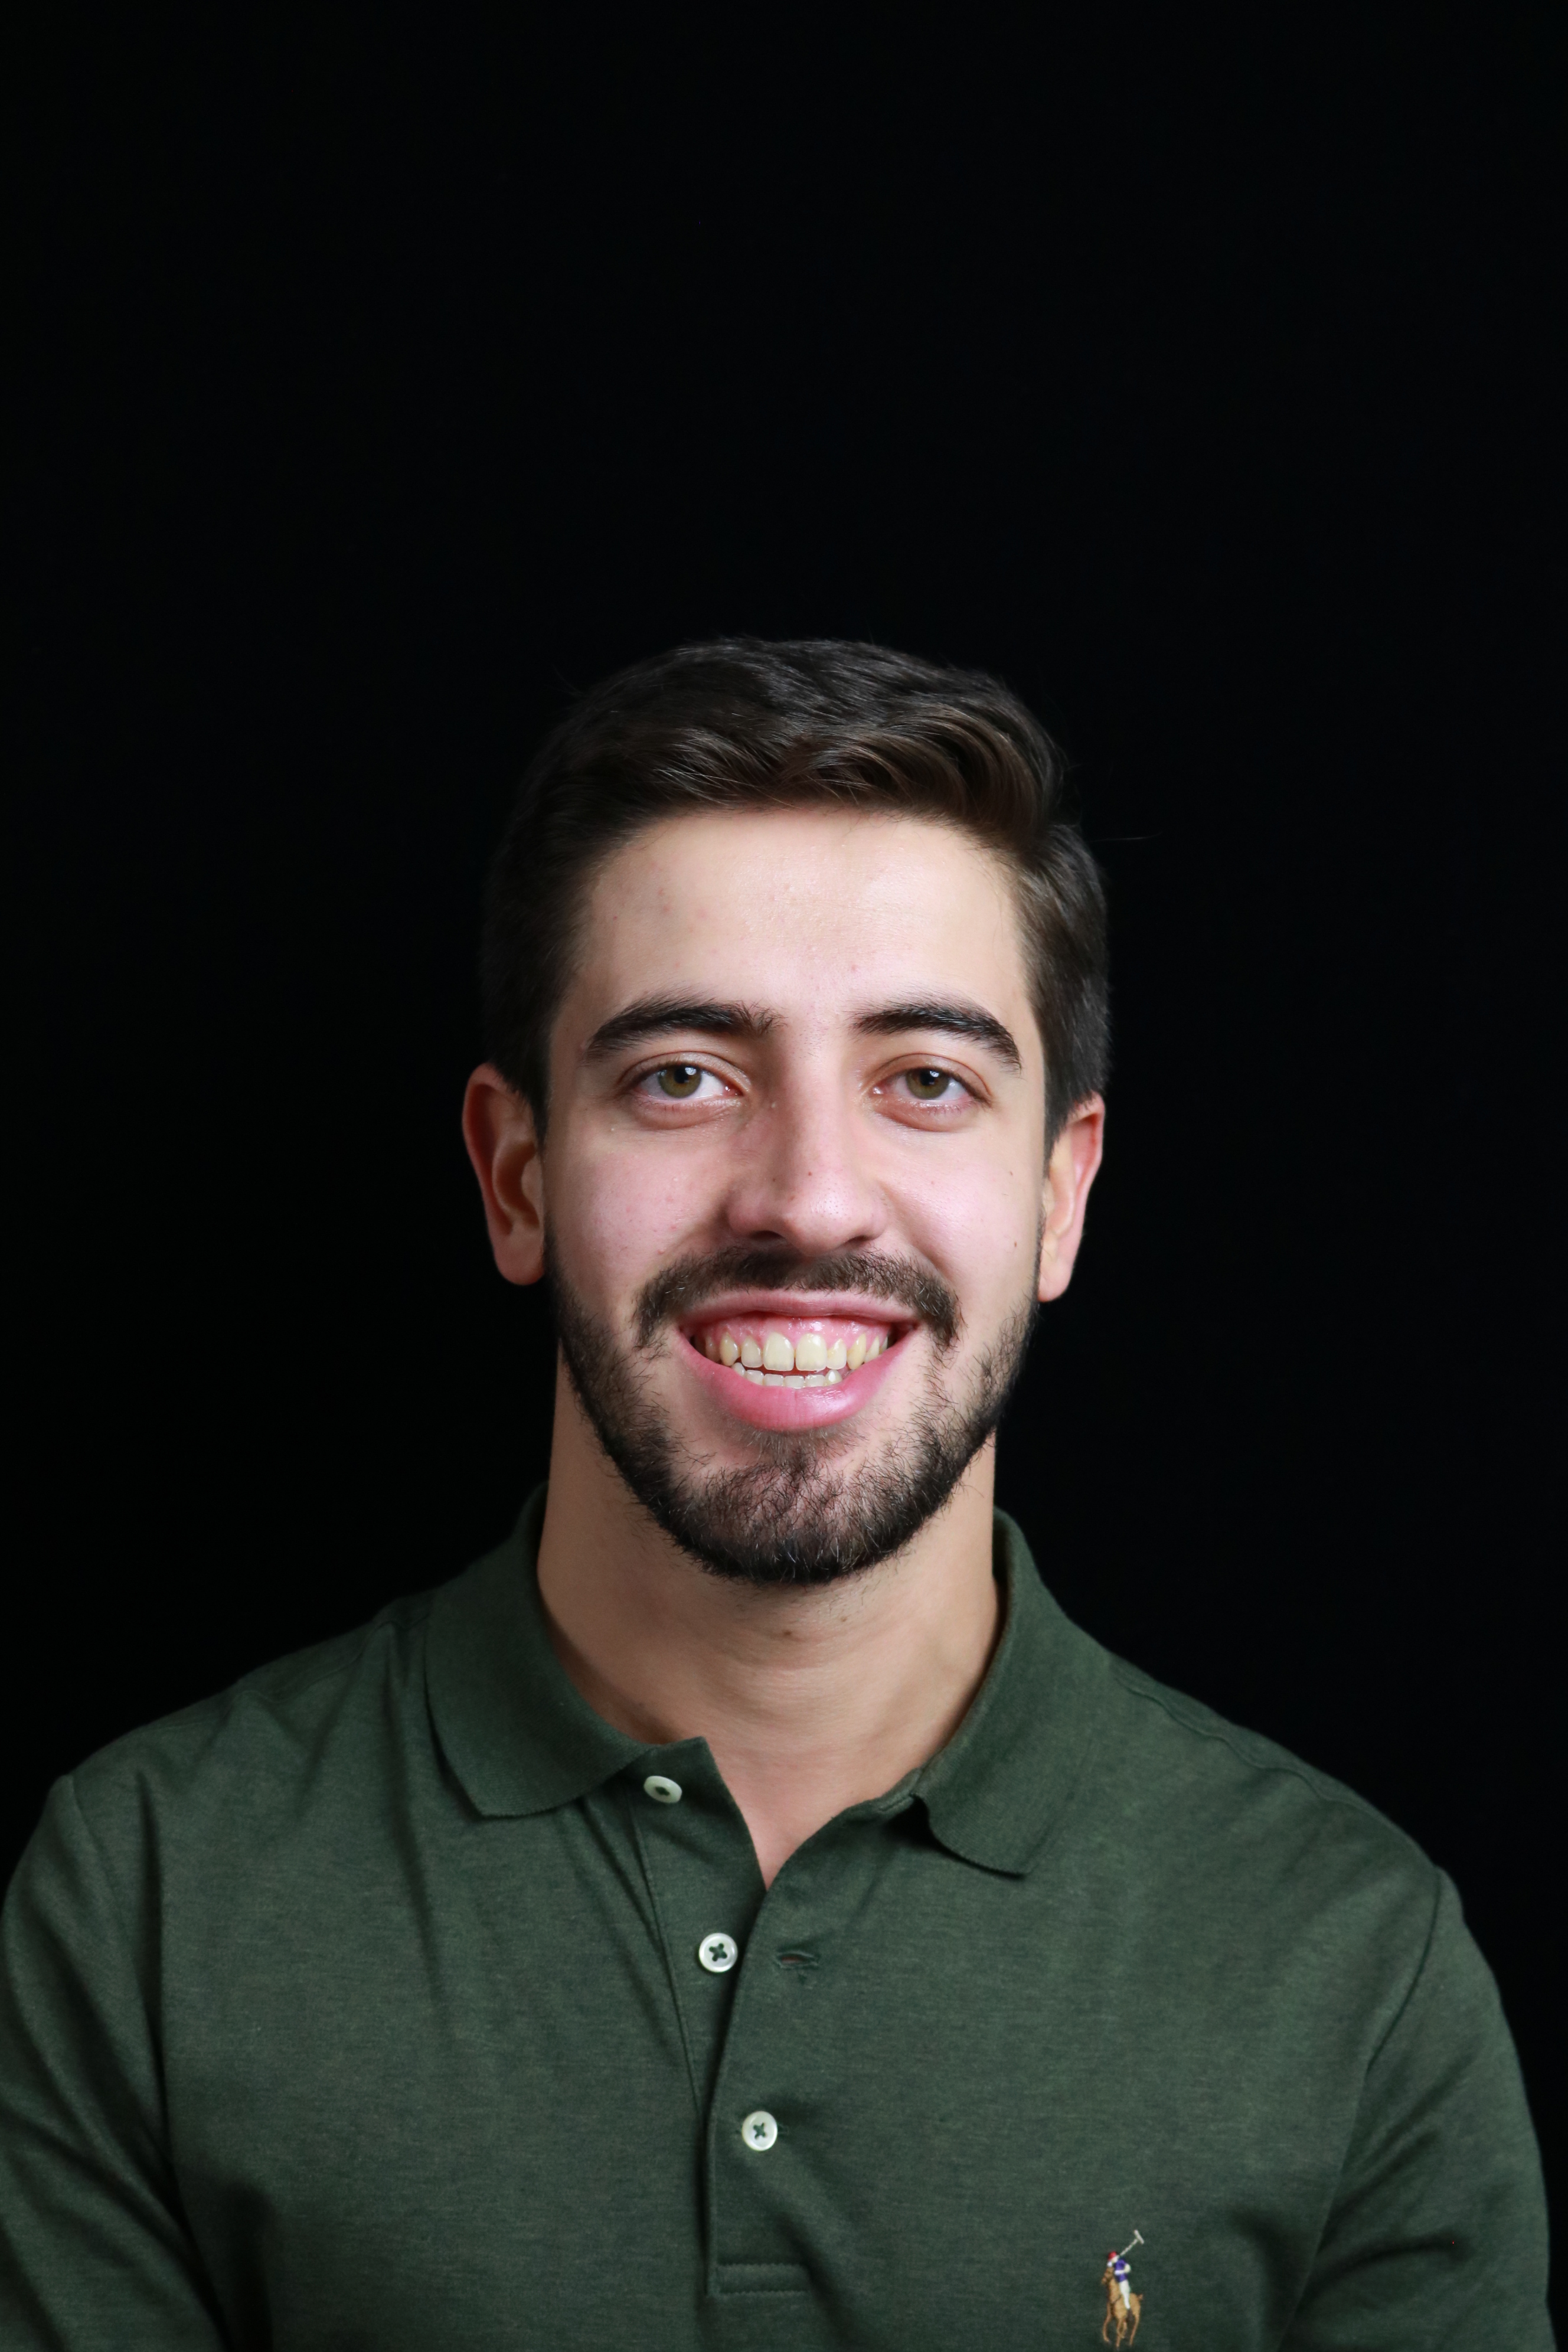 Eduardo Mendes de Oliveira